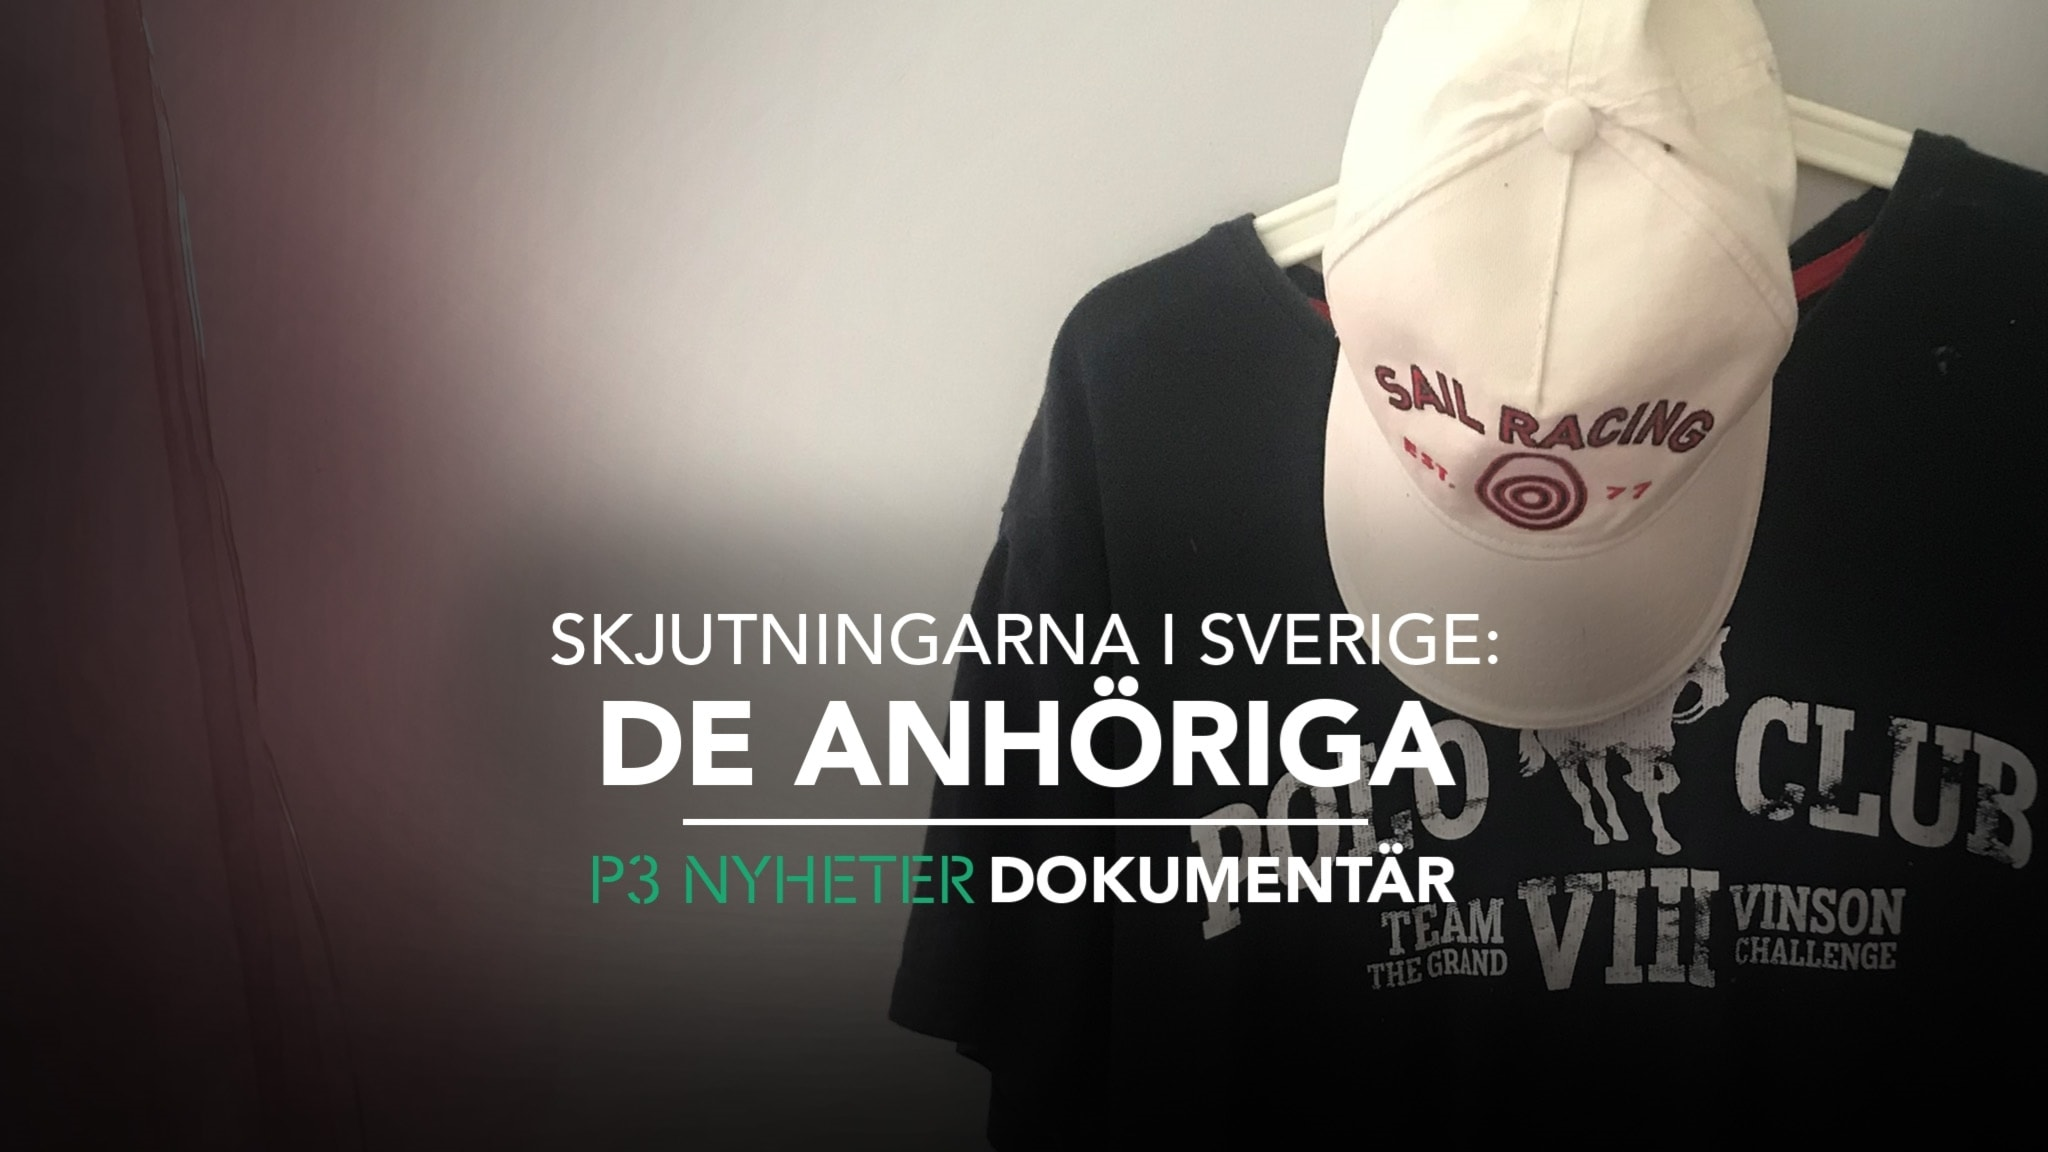 Skjutningarna i Sverige: De anhöriga - P3 Nyheter Dokumentär